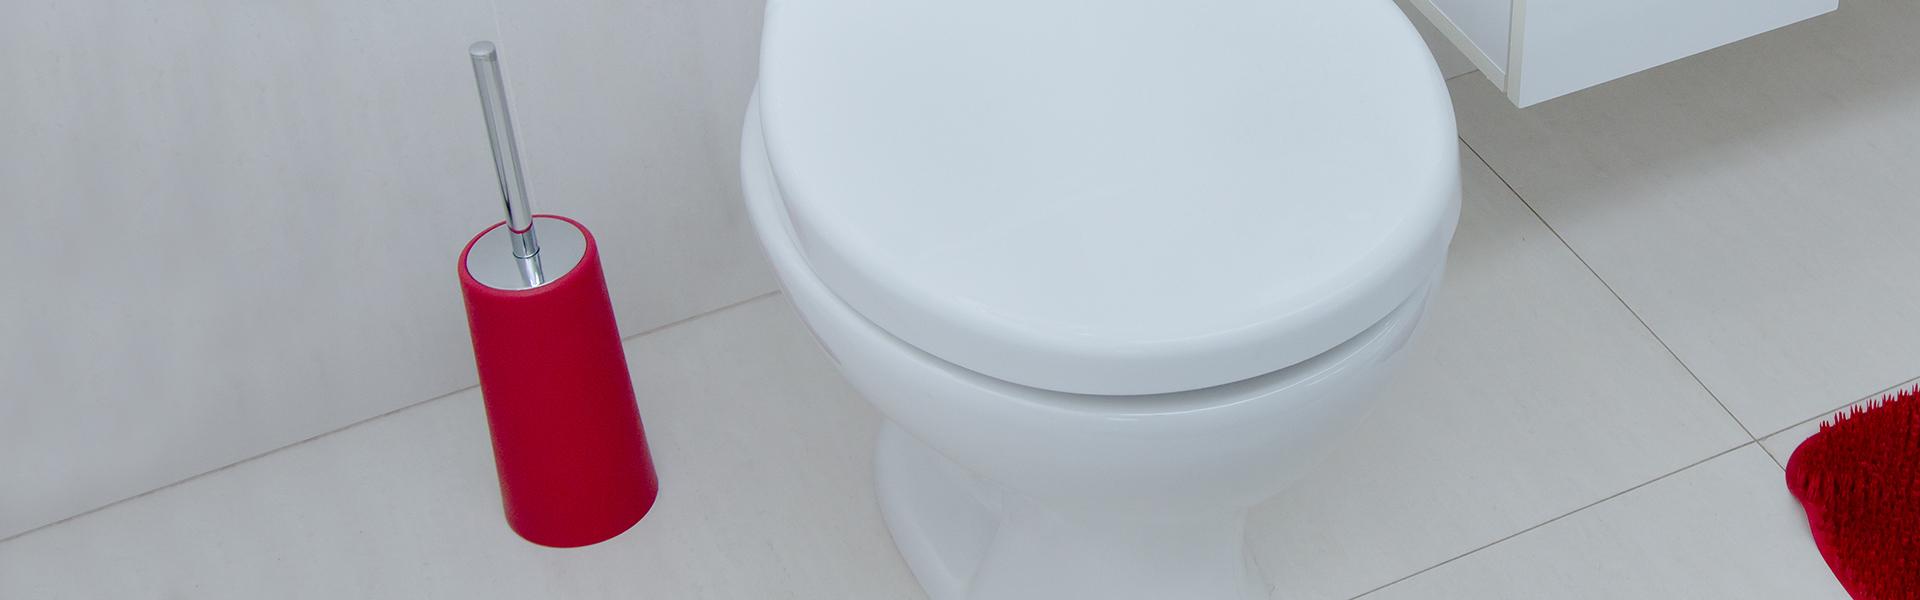 Banheiro - Escovas sanitárias